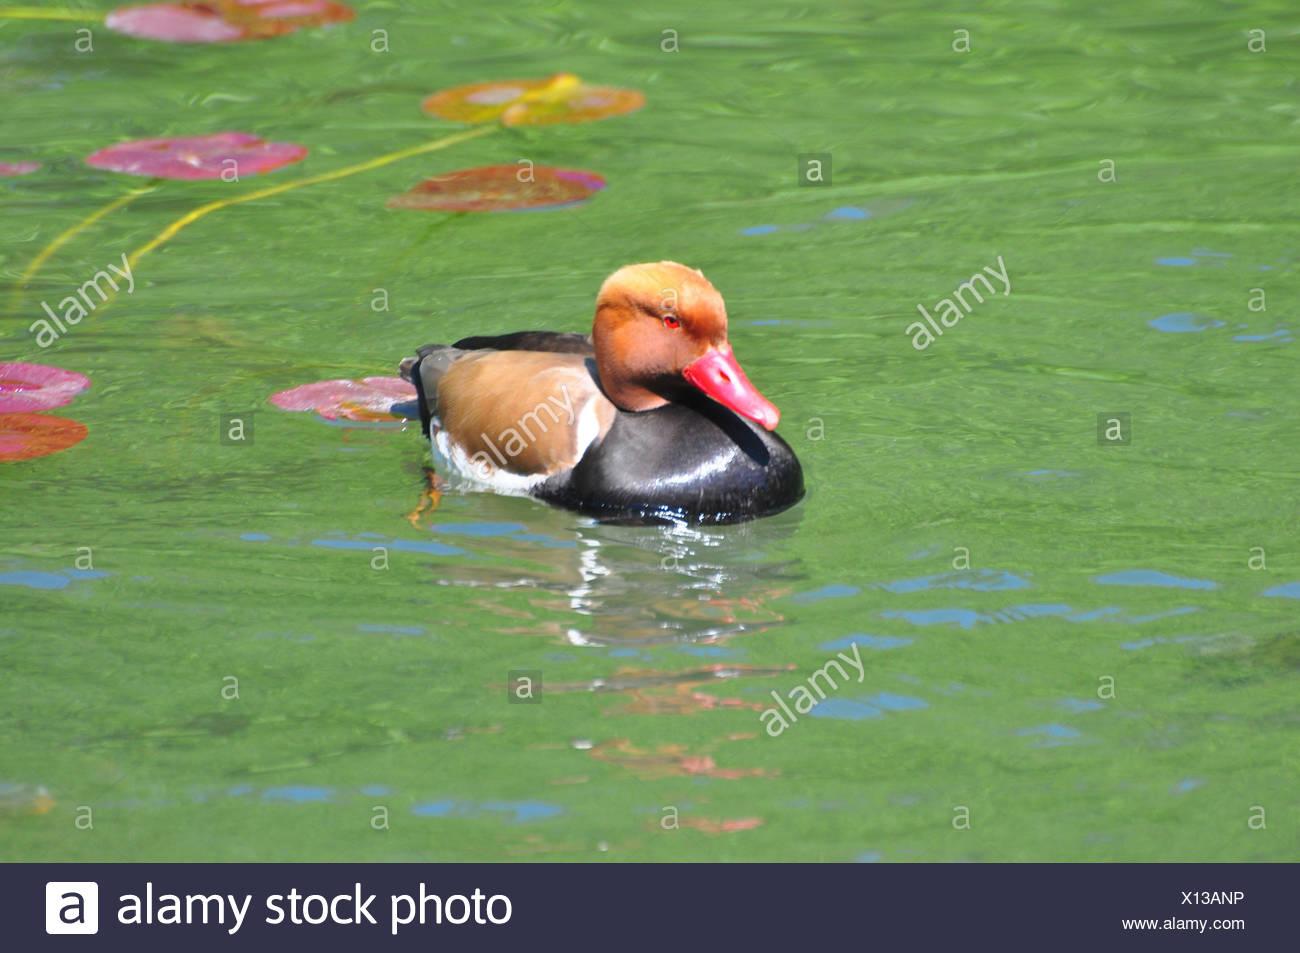 Ornithologie, Kolben Ente, Schwimmen, Stockbild